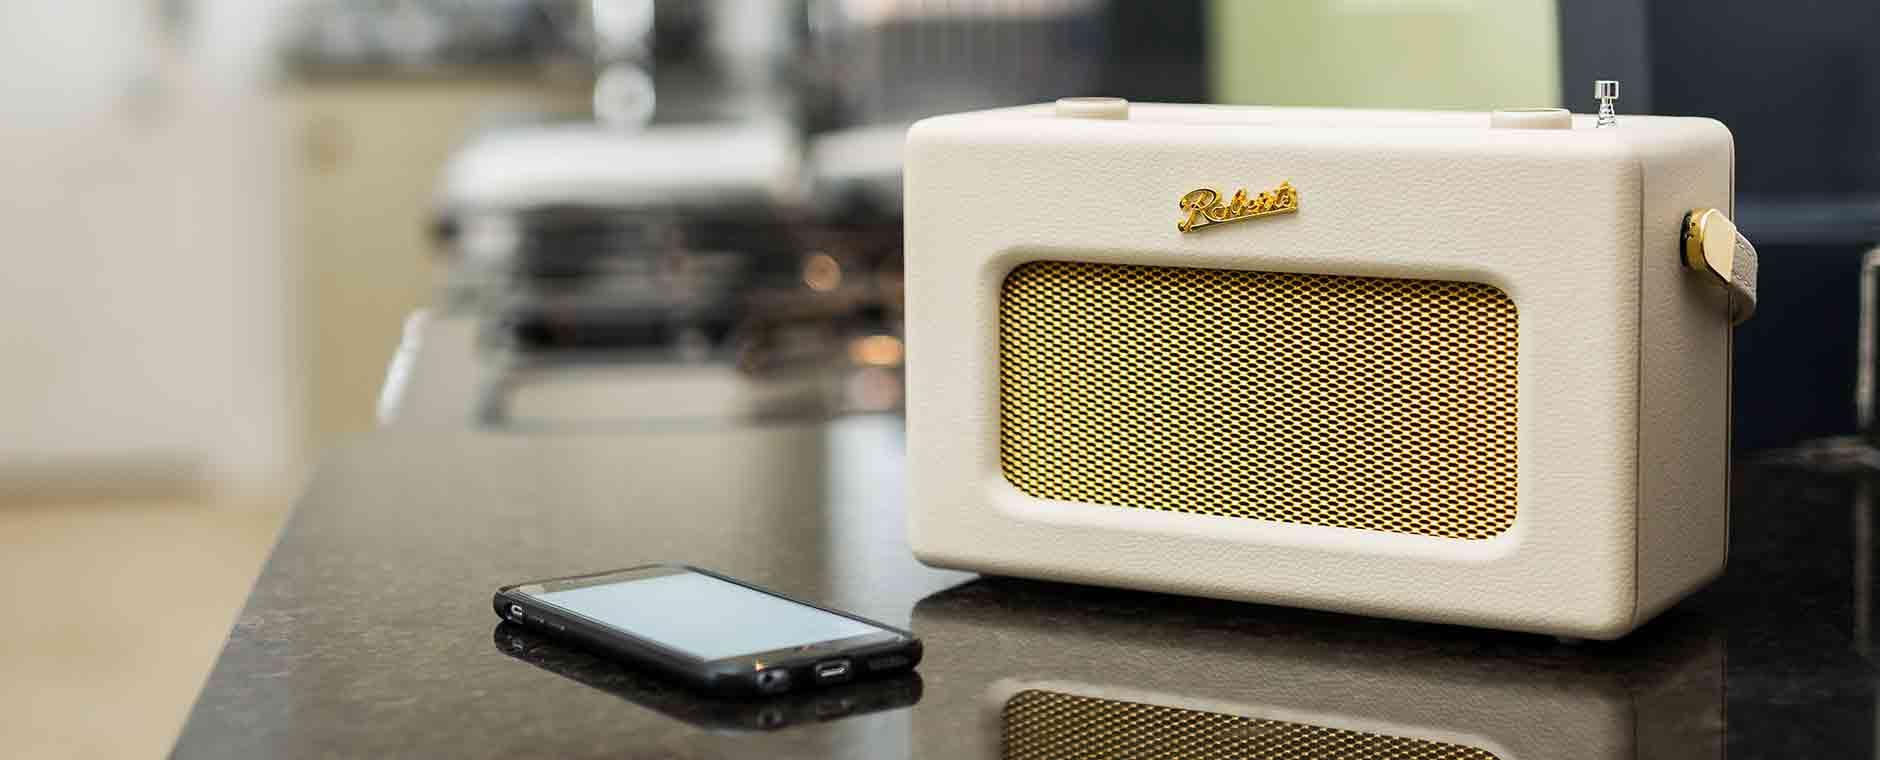 Poste radio numérique WiFi Roberts iStream 3 : tuner Internet, DAB, FM, compatible service de musique Deezer, Spotify, Tidal, Amazon Music et commande vocale Alexa